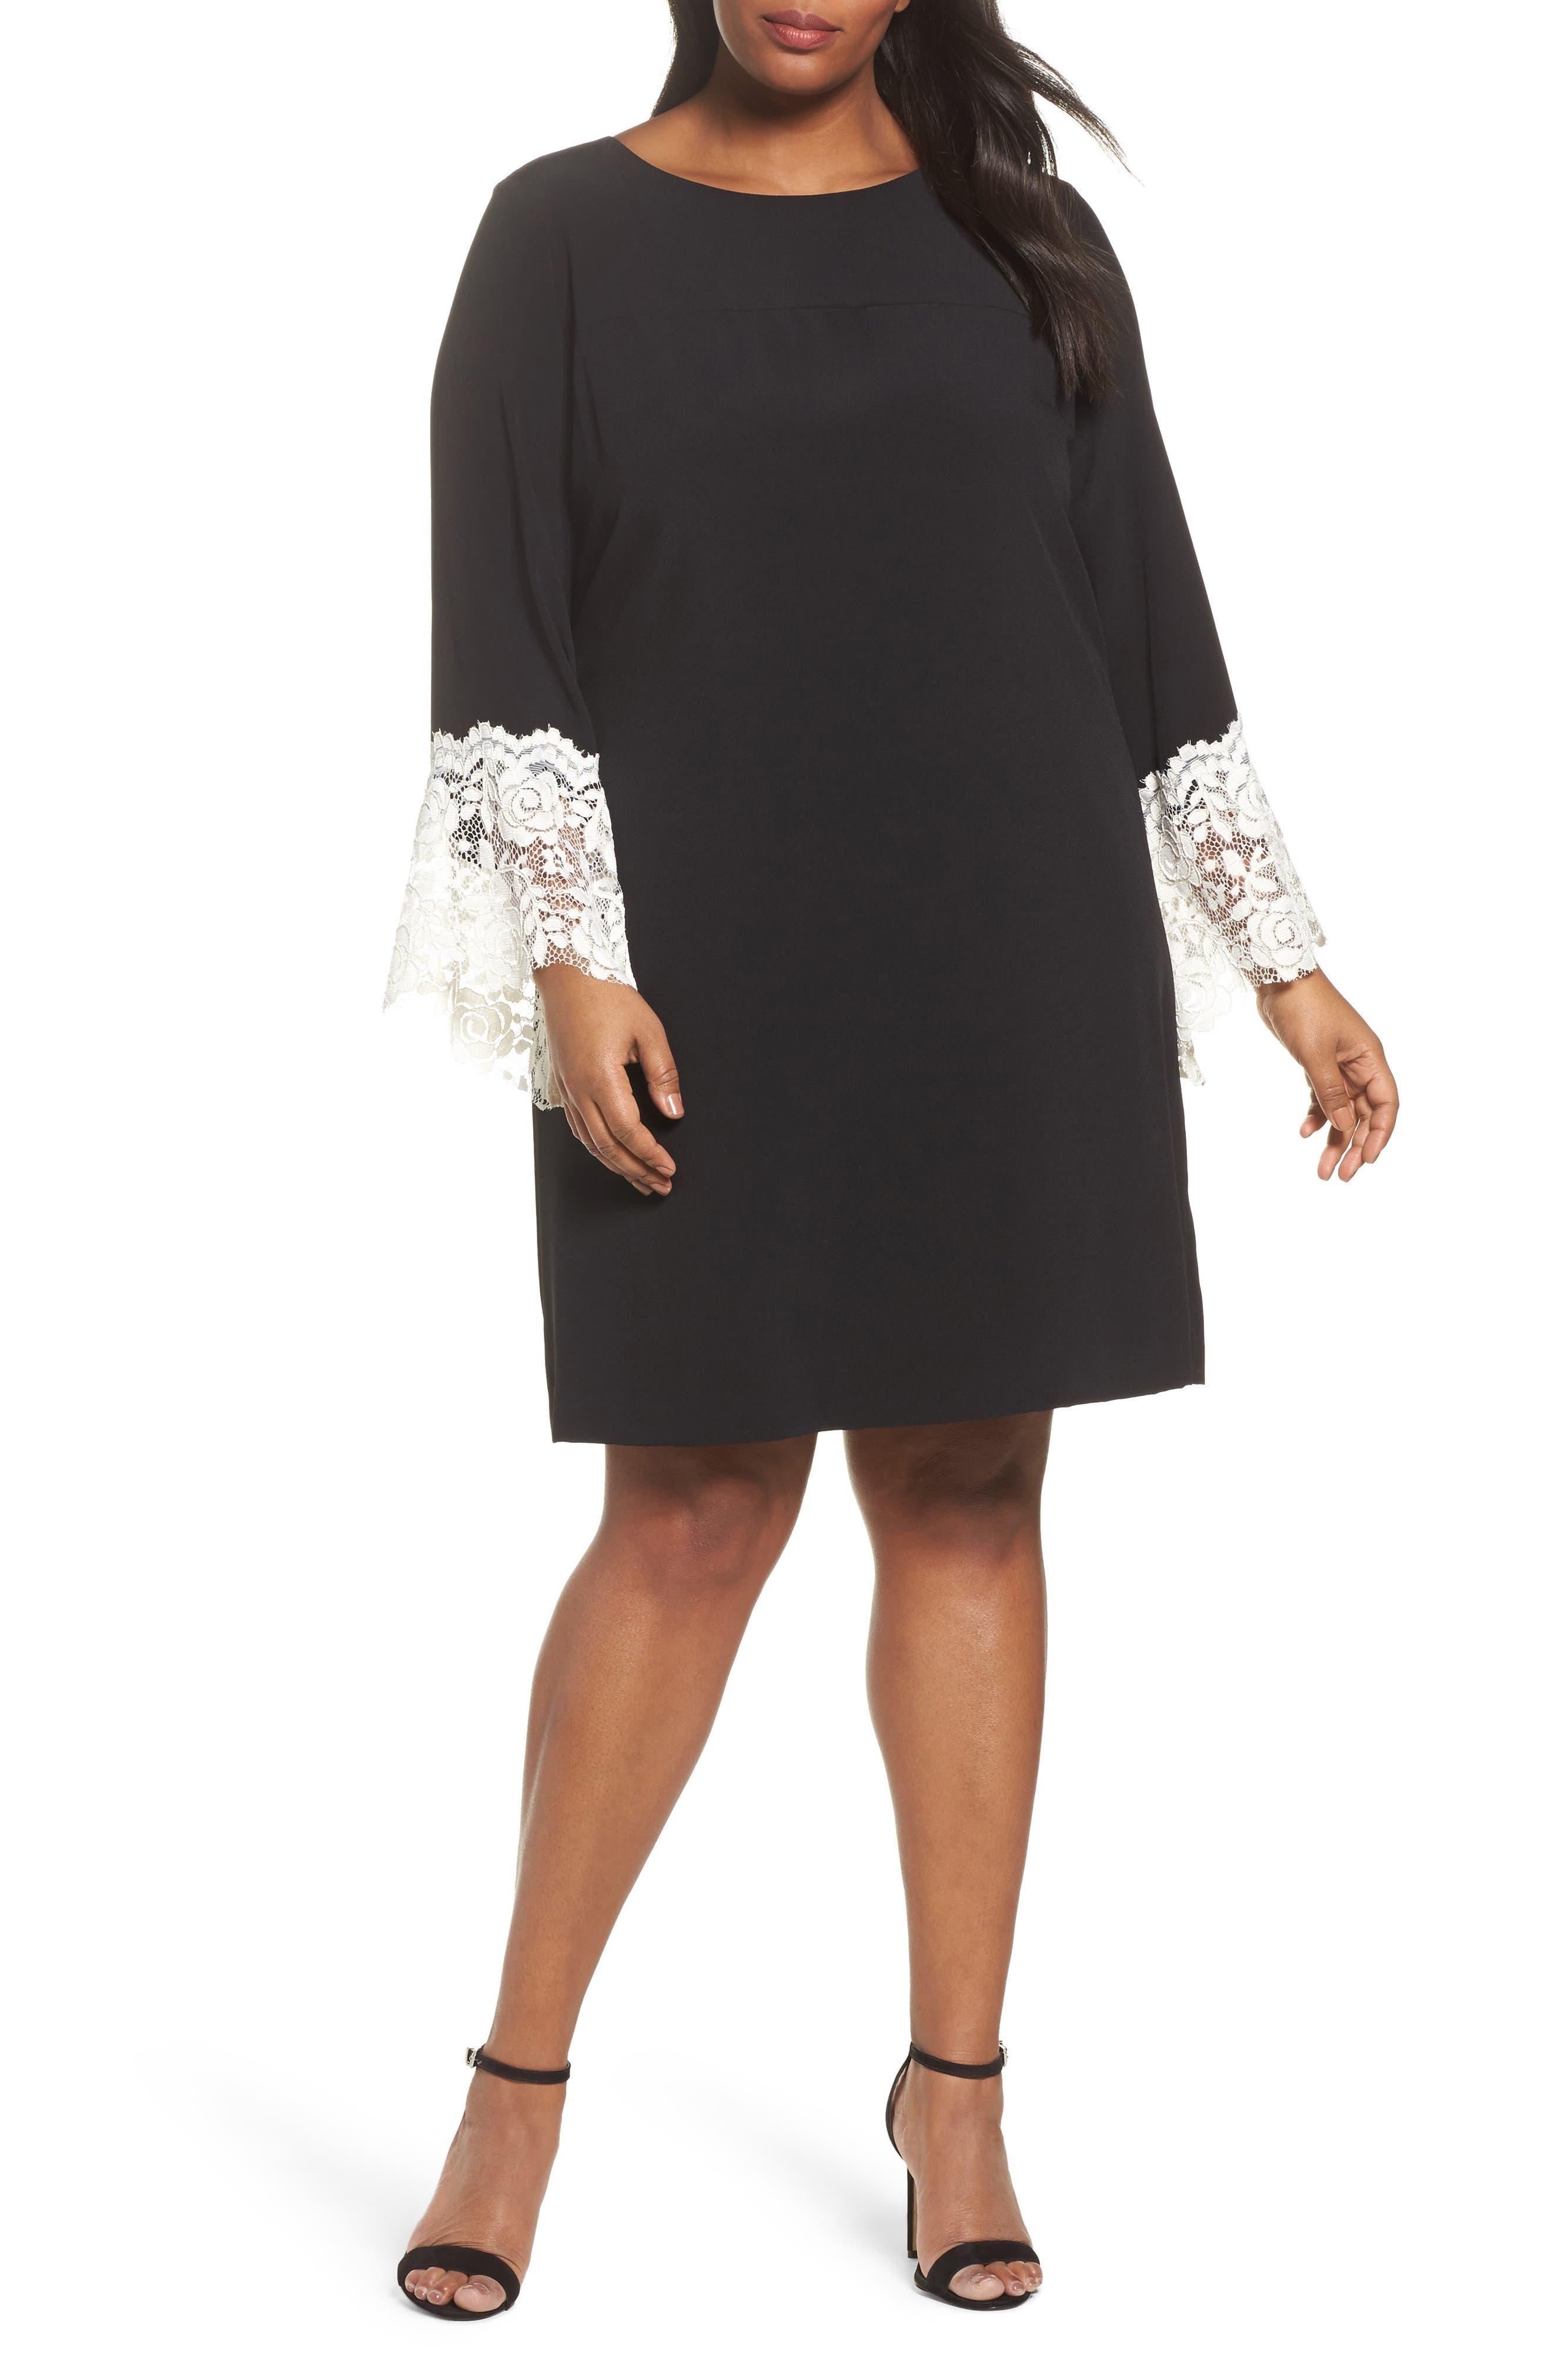 Tahari Lace Cuff Shift Dress (Plus Size)